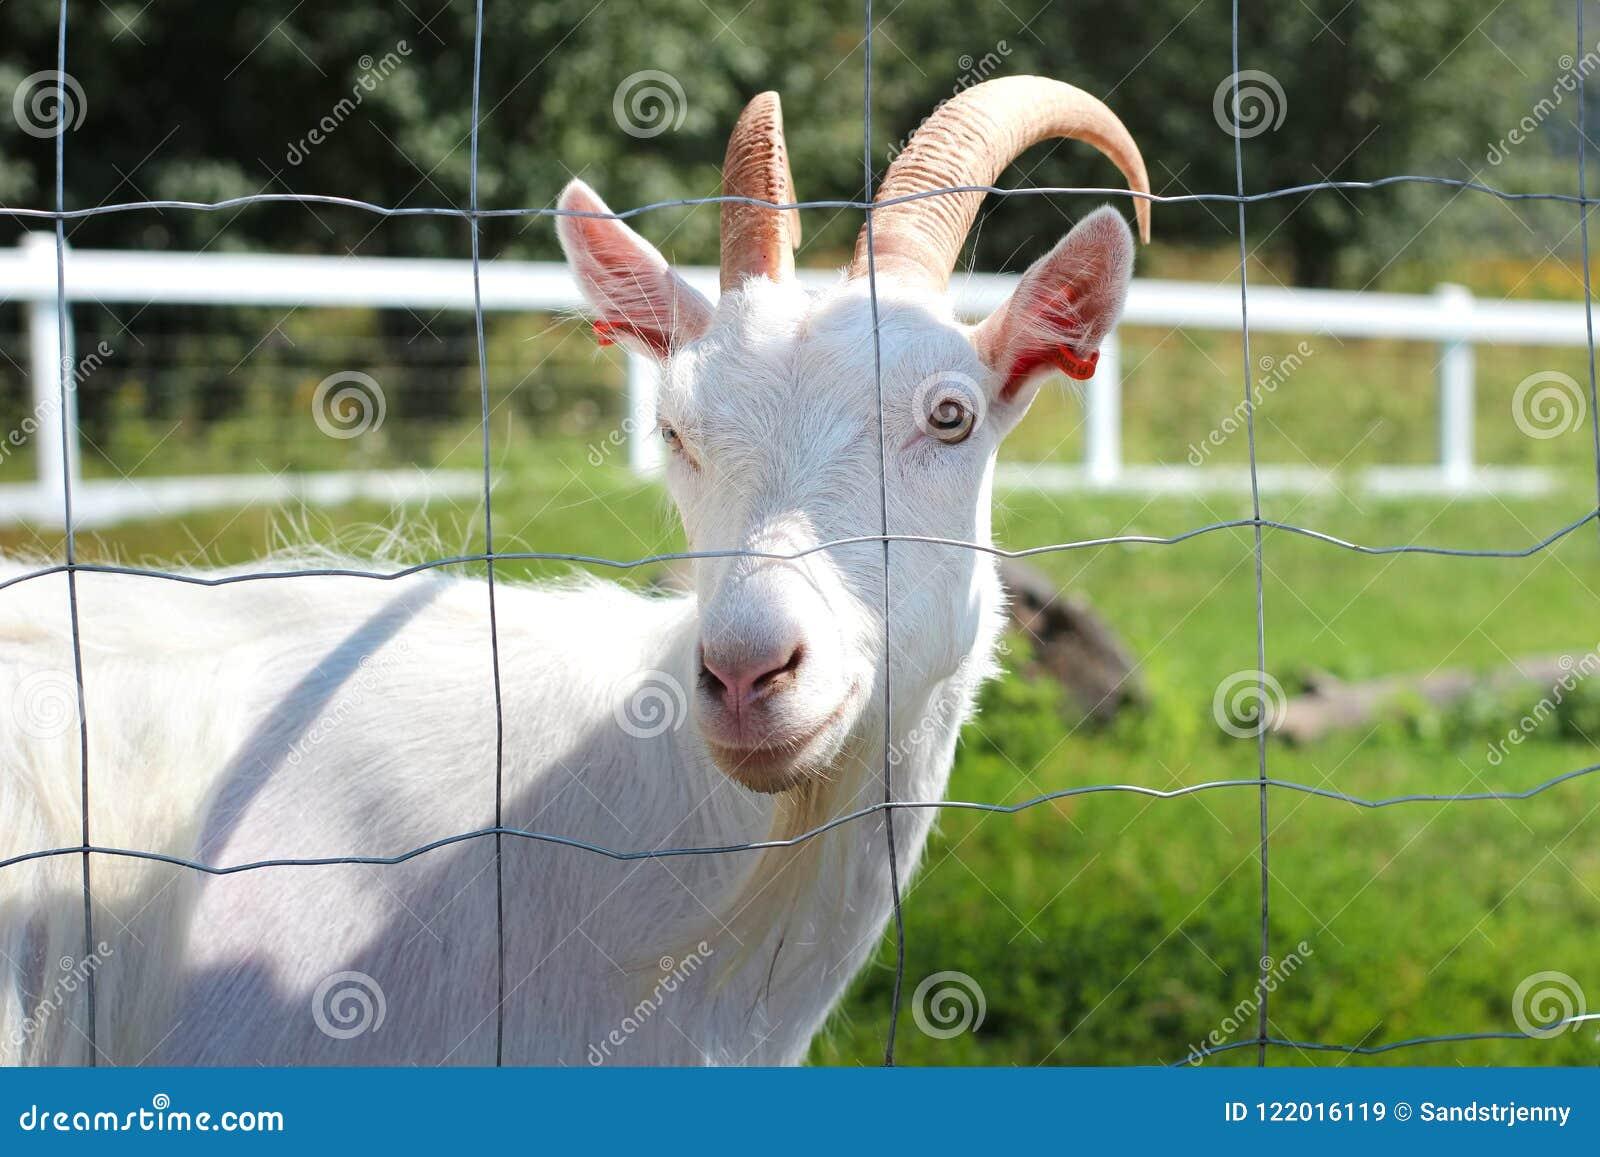 Witte geit die door de omheining kijken